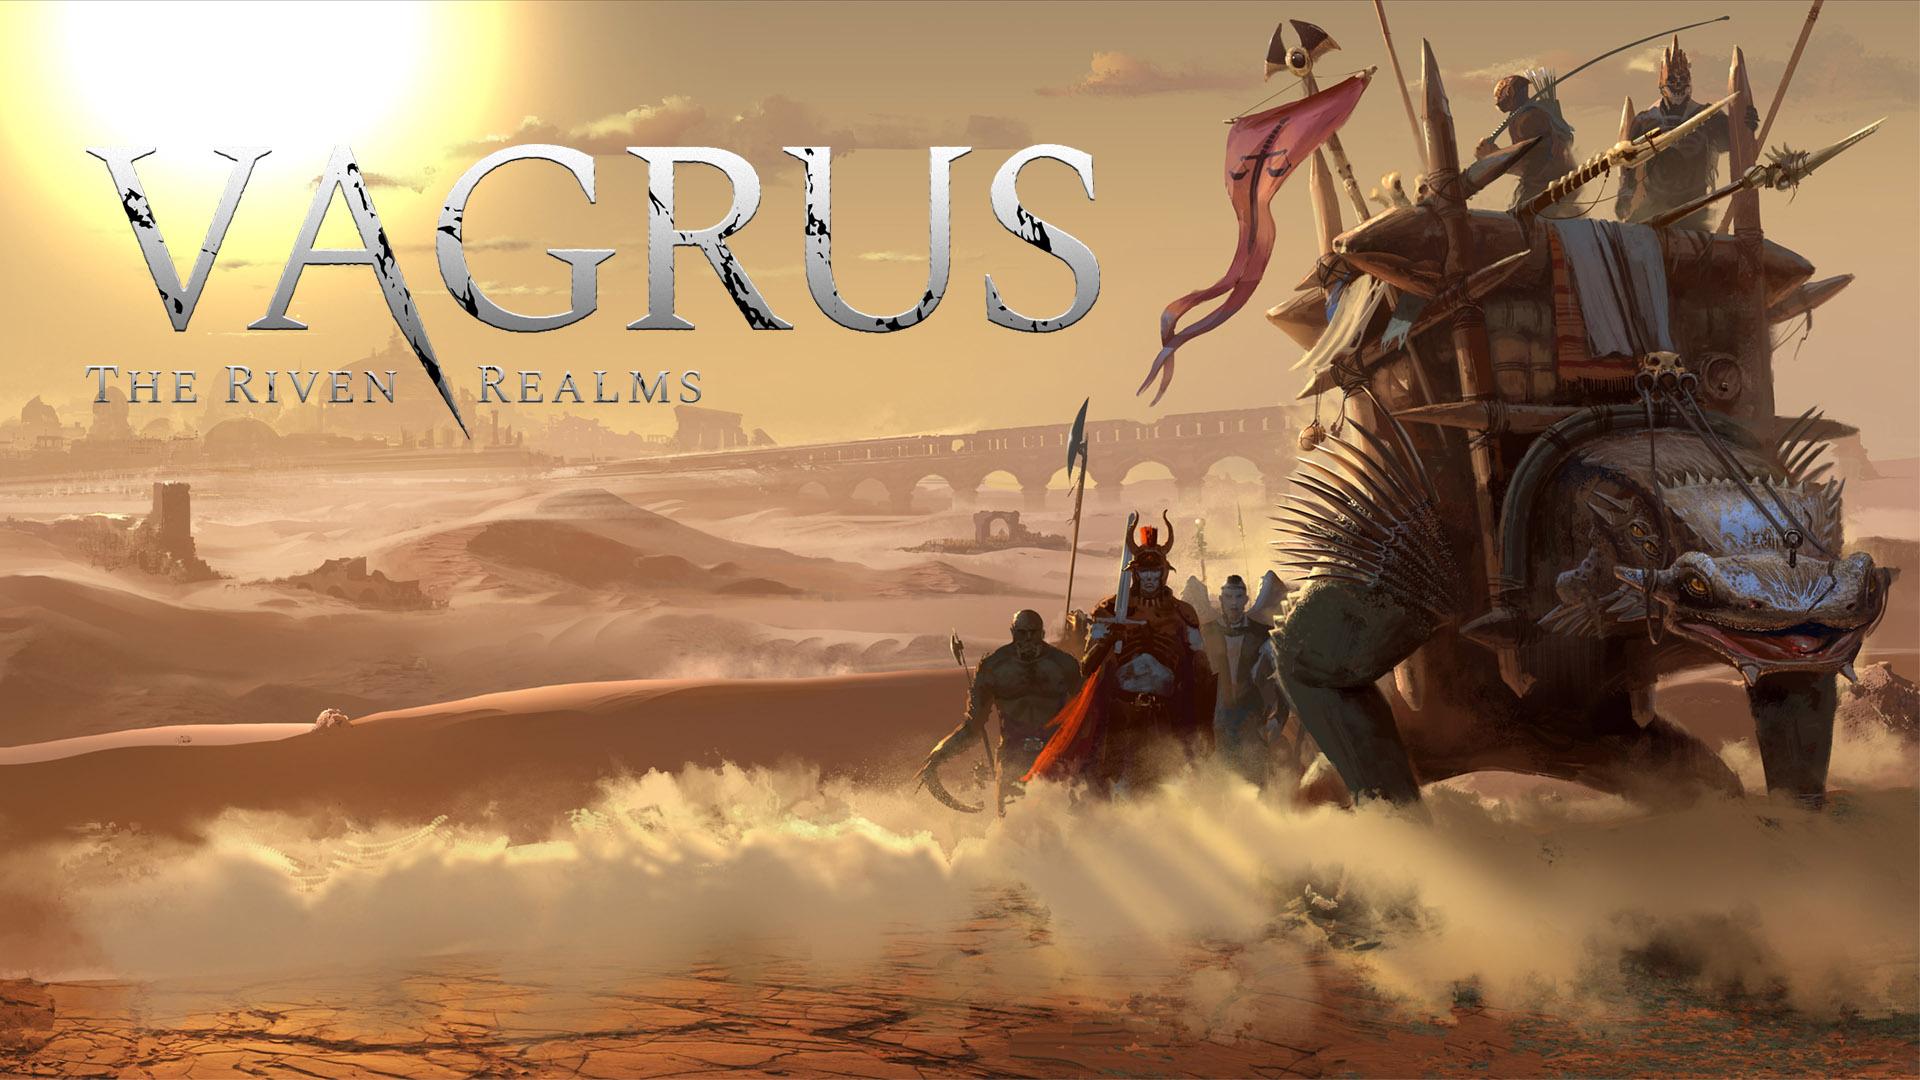 Vagrus title image